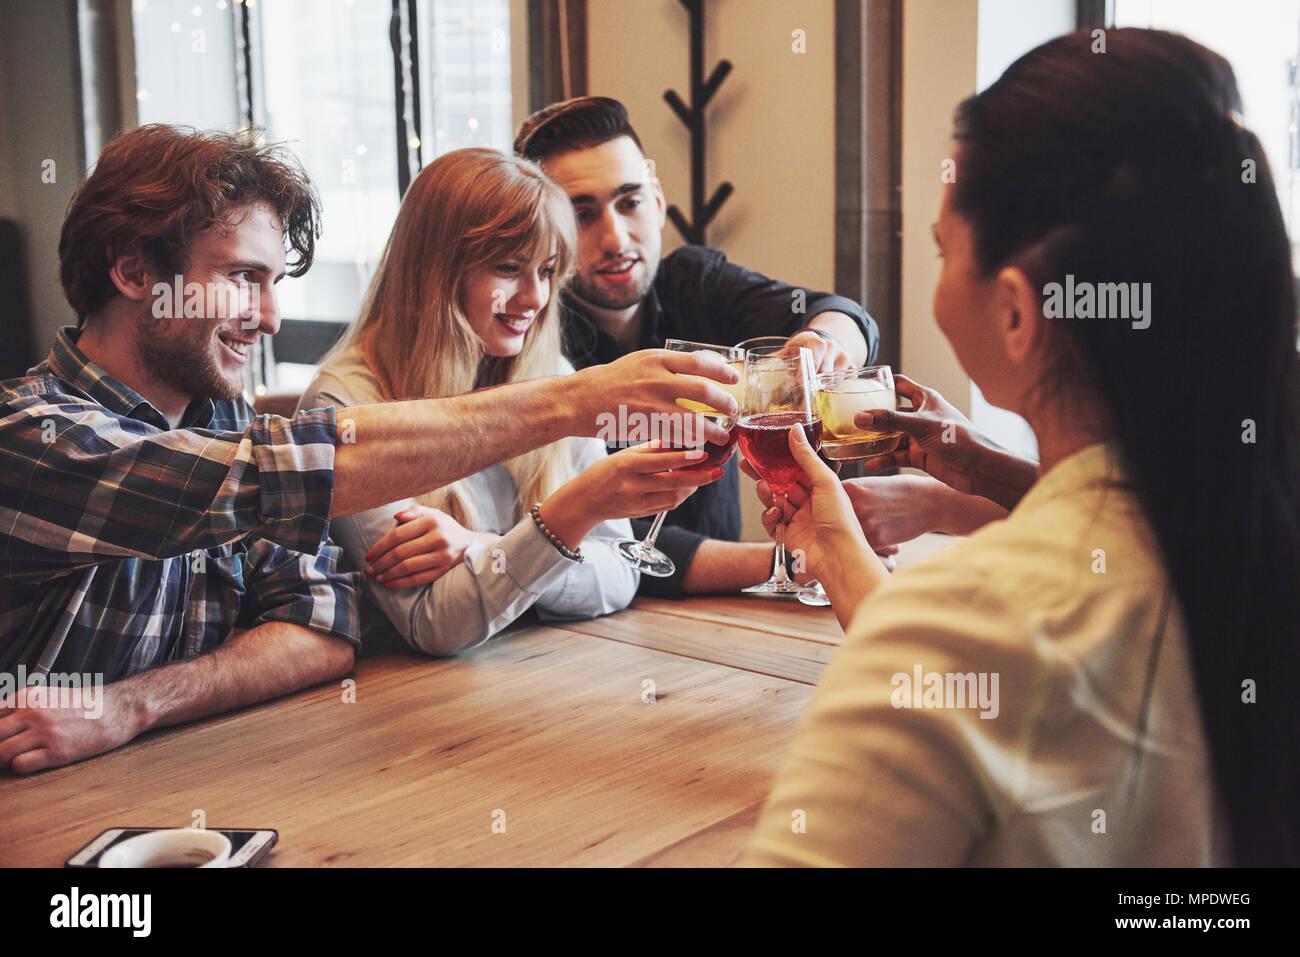 Gruppe von jungen Freunden Spaß haben und Lachen während des Essens am Tisch im Restaurant Stockbild